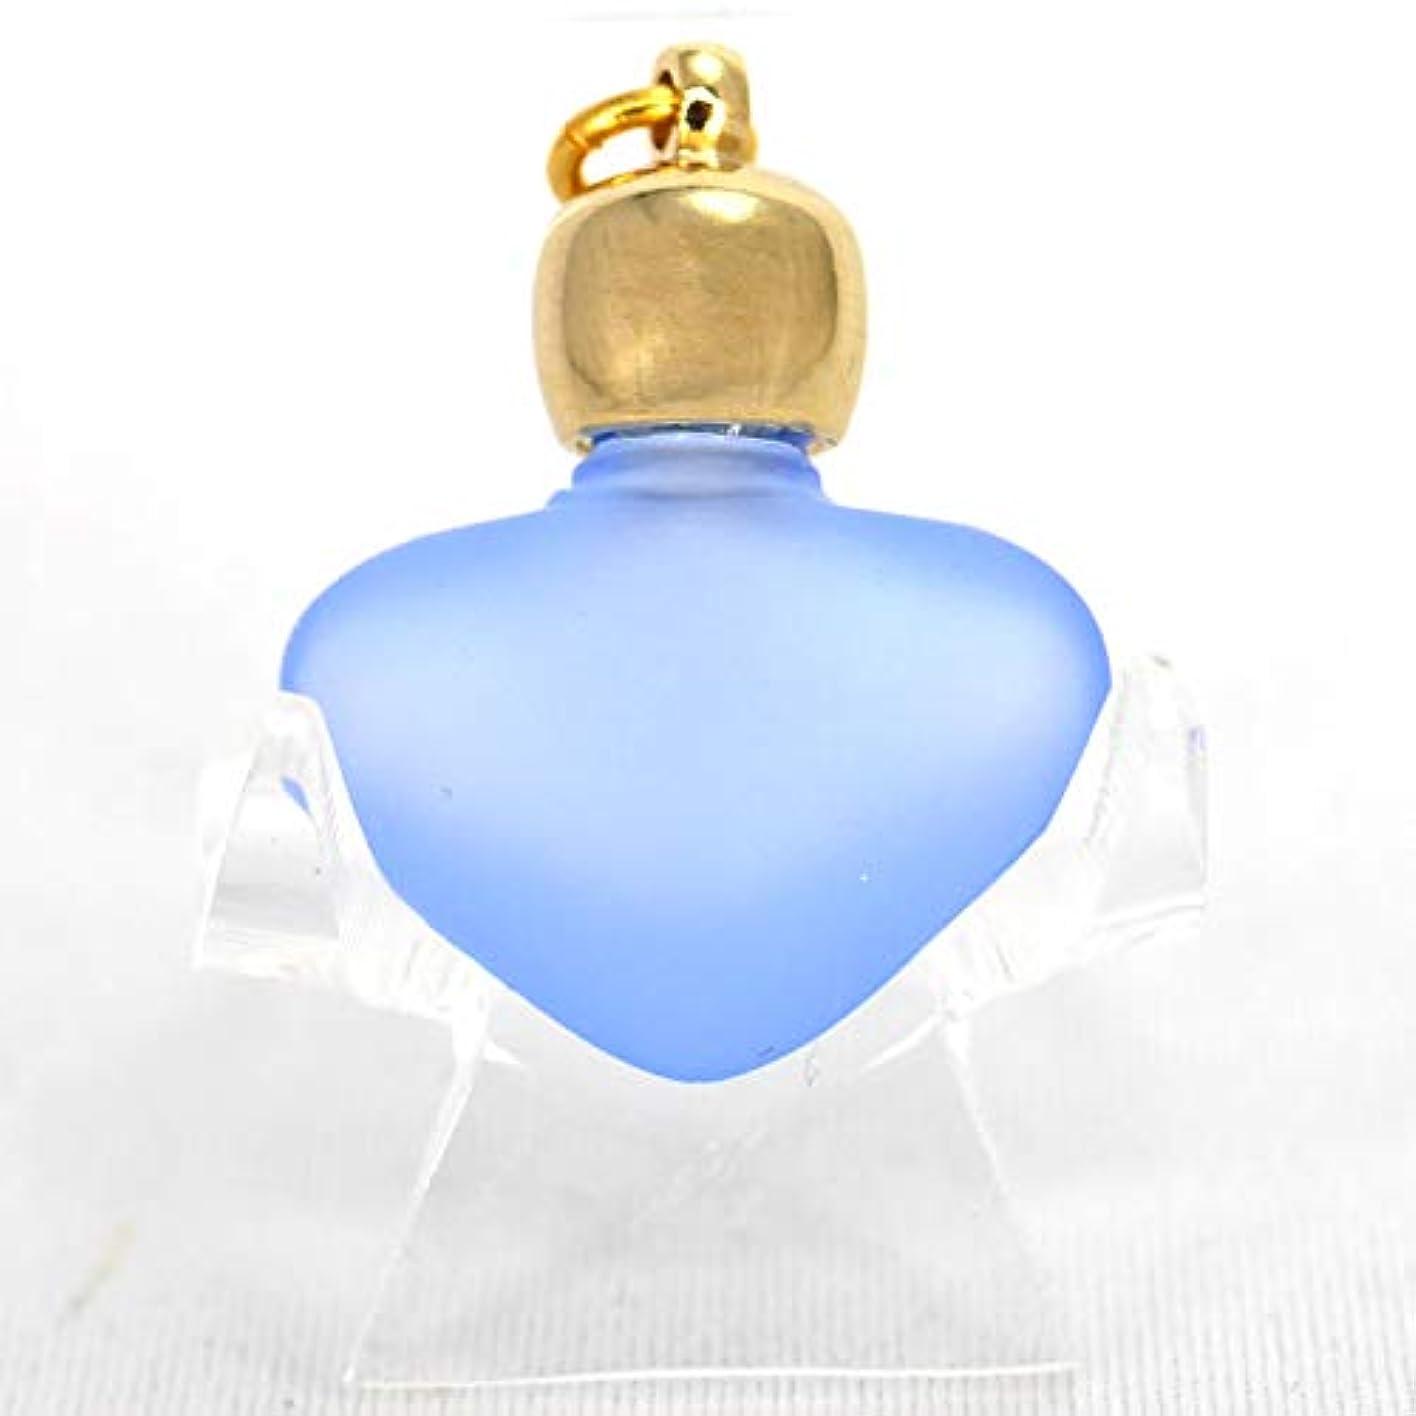 エンティティ入場不正直ミニ香水瓶 アロマペンダントトップ ハートブルーフロスト(青すりガラス)0.8ml?ゴールド?穴あきキャップ、パッキン付属【アロマオイル?メモリーオイル入れにオススメ】